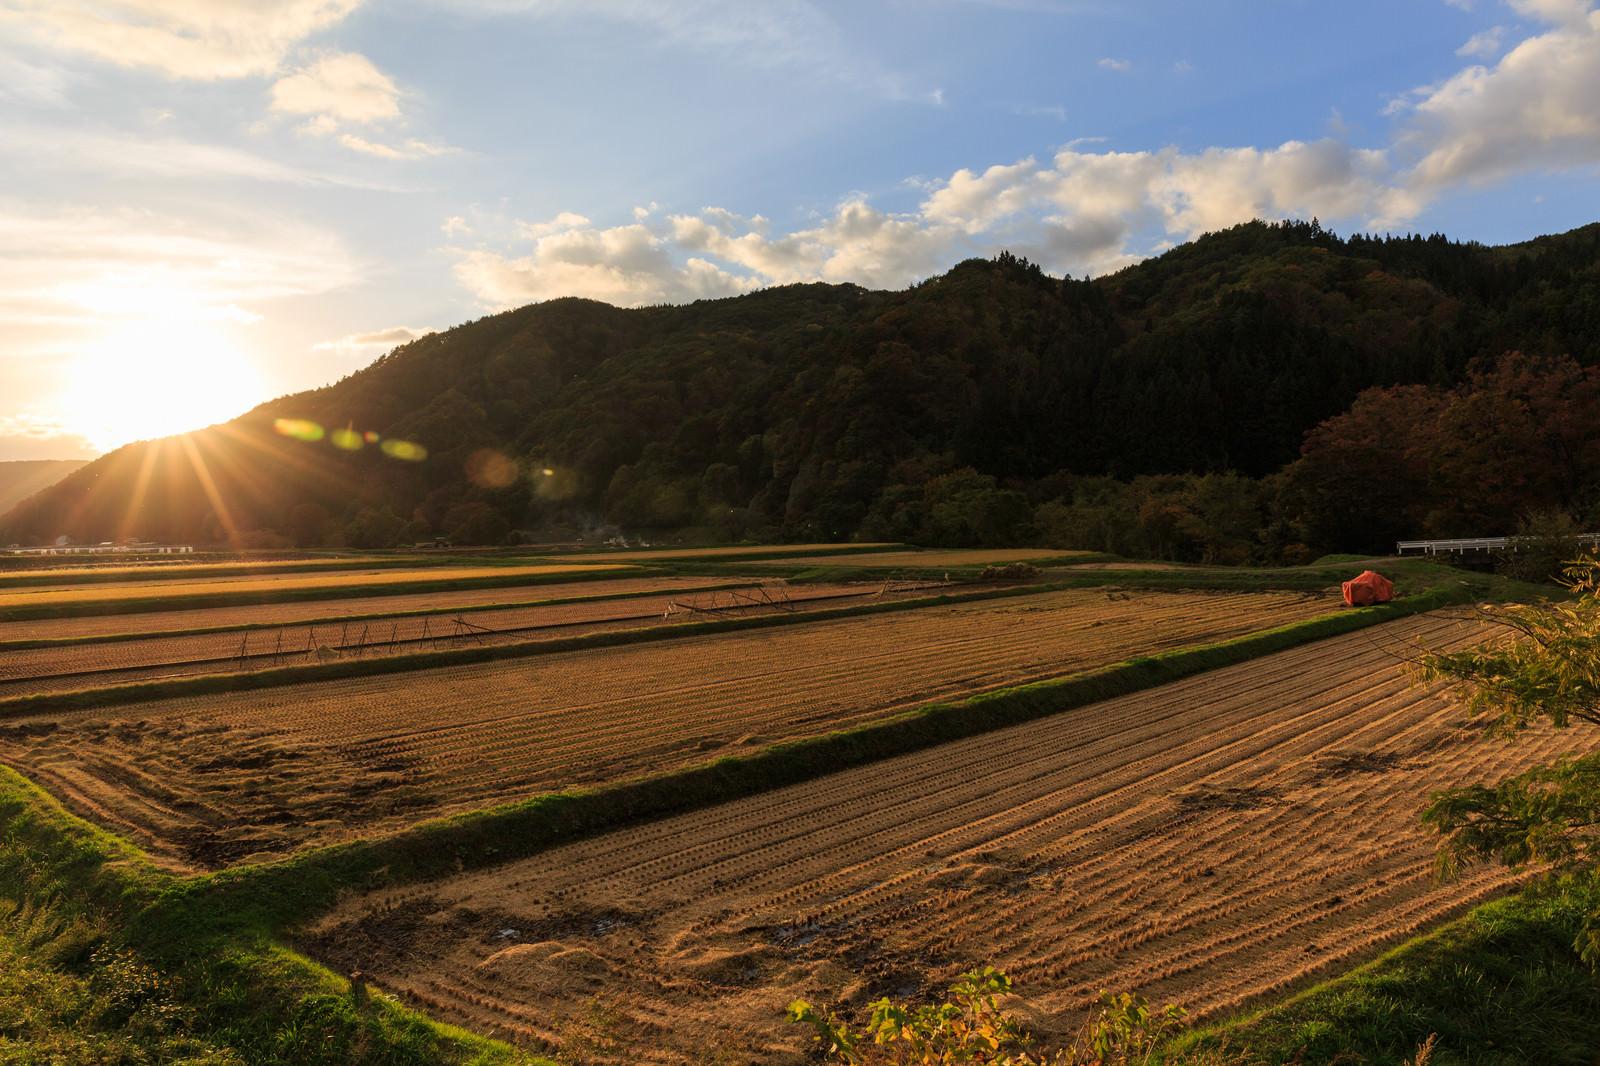 「稲刈り後の田んぼ(夕焼け) | 写真の無料素材・フリー素材 - ぱくたそ」の写真